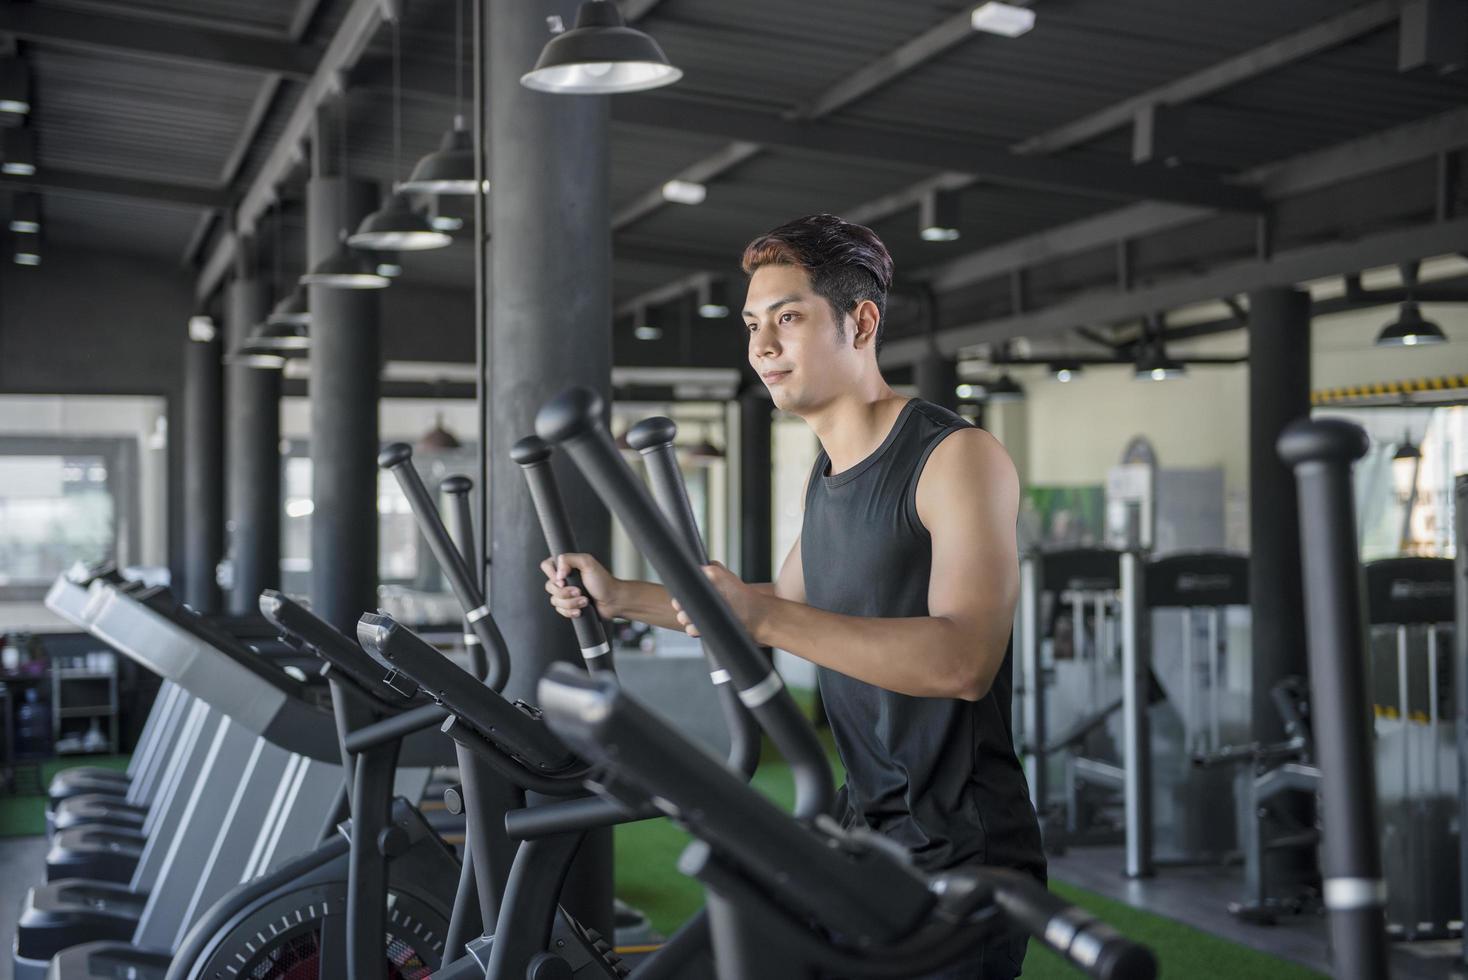 Man running on a treadmill photo